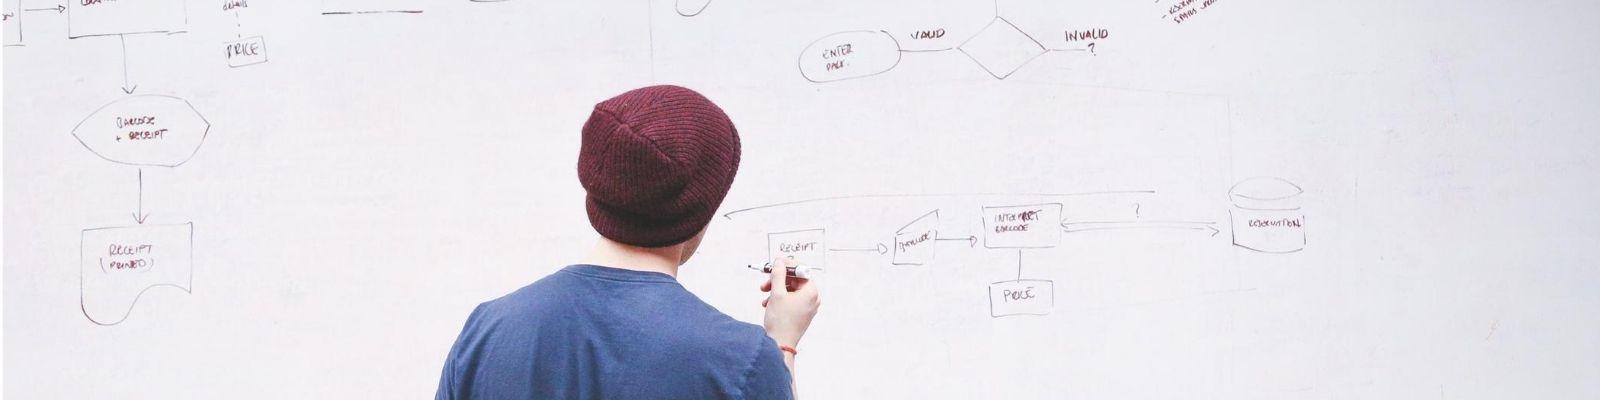 4 metodologías de estructuración SEM para campañas de Search